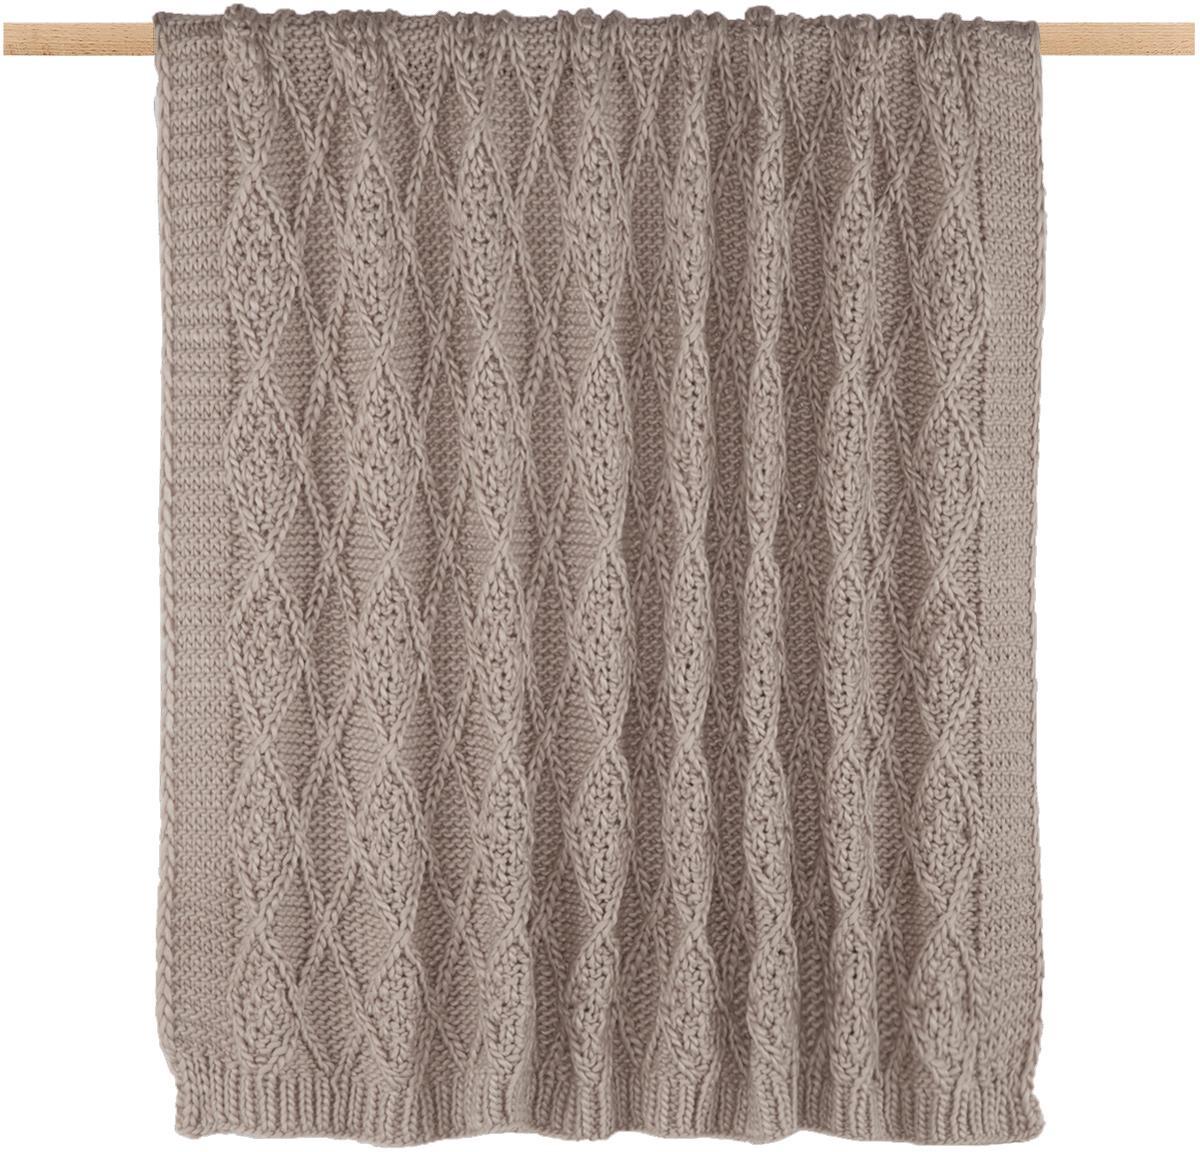 Plaid fatto a maglia Darcy, Poliacrilico, Taupe, Larg. 130 x Lung. 170 cm